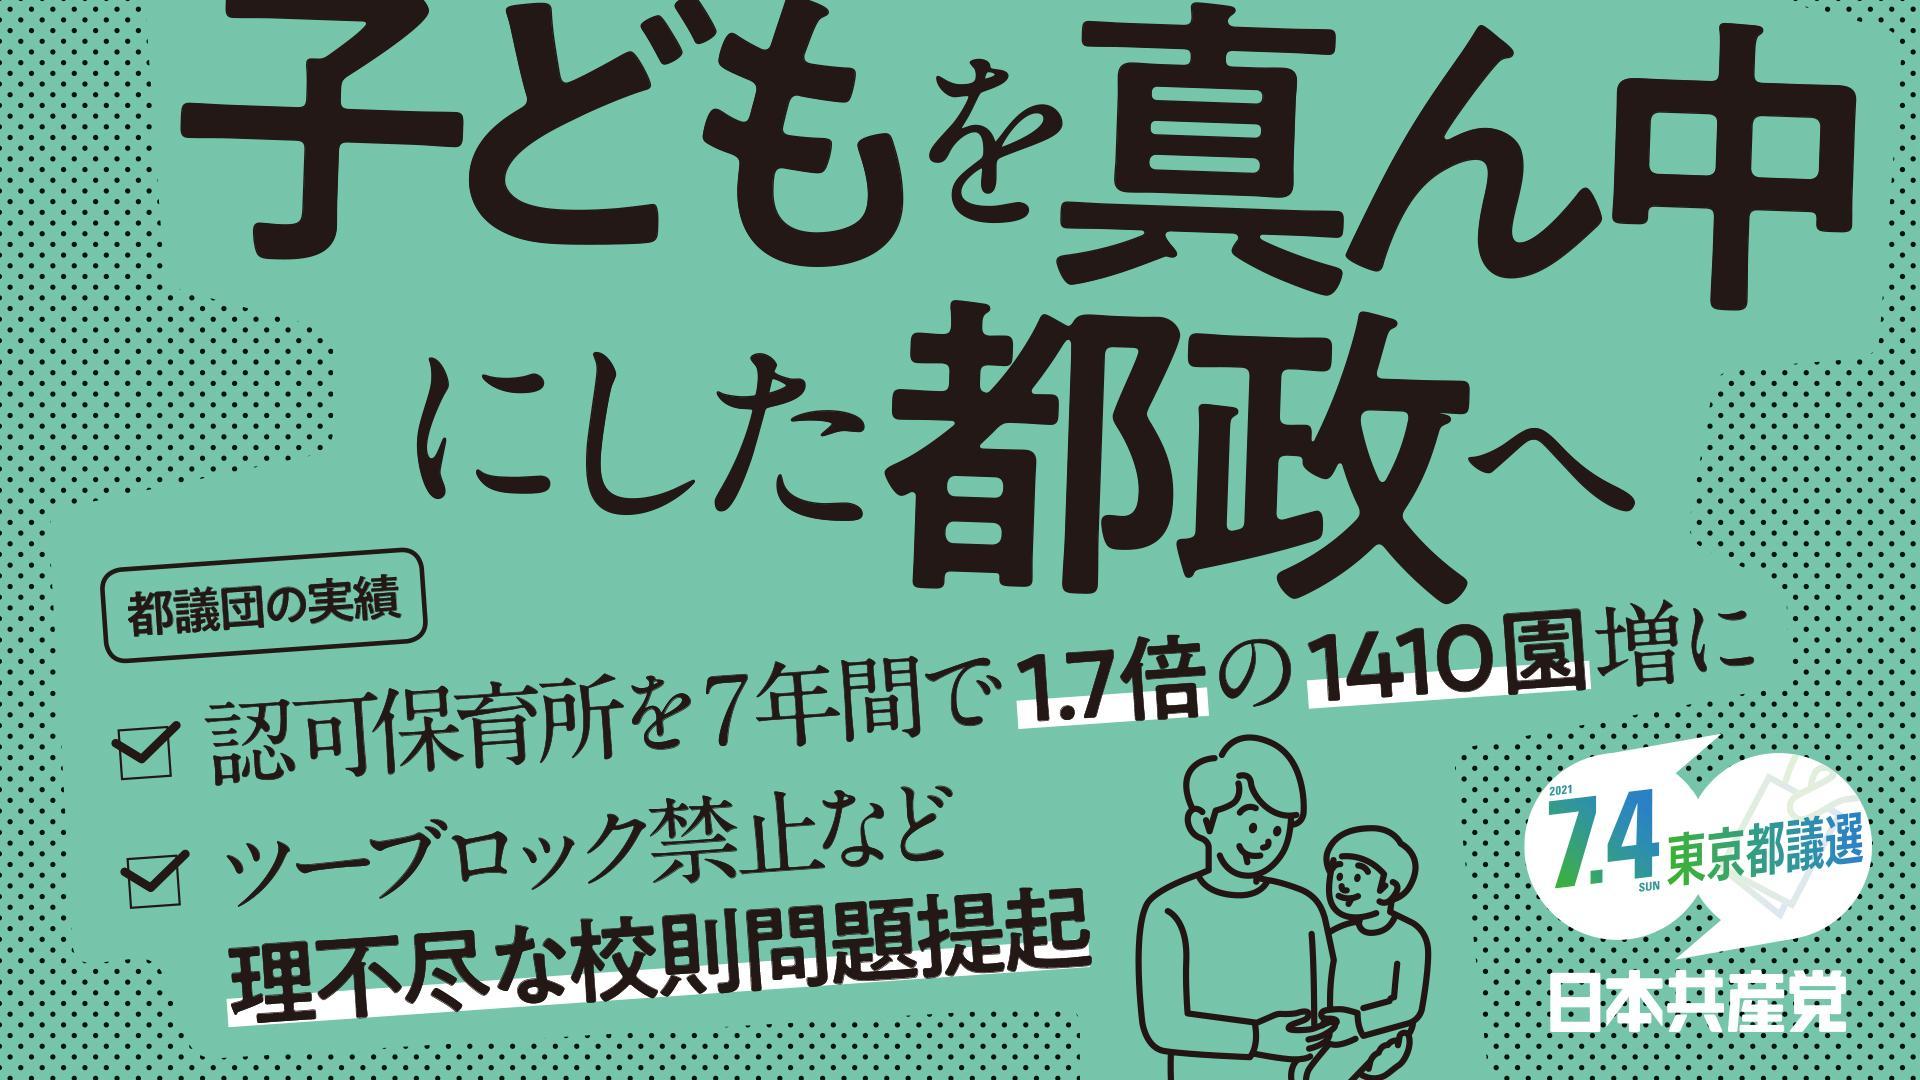 東京都議選2021 子どもを真ん中にした都政へ